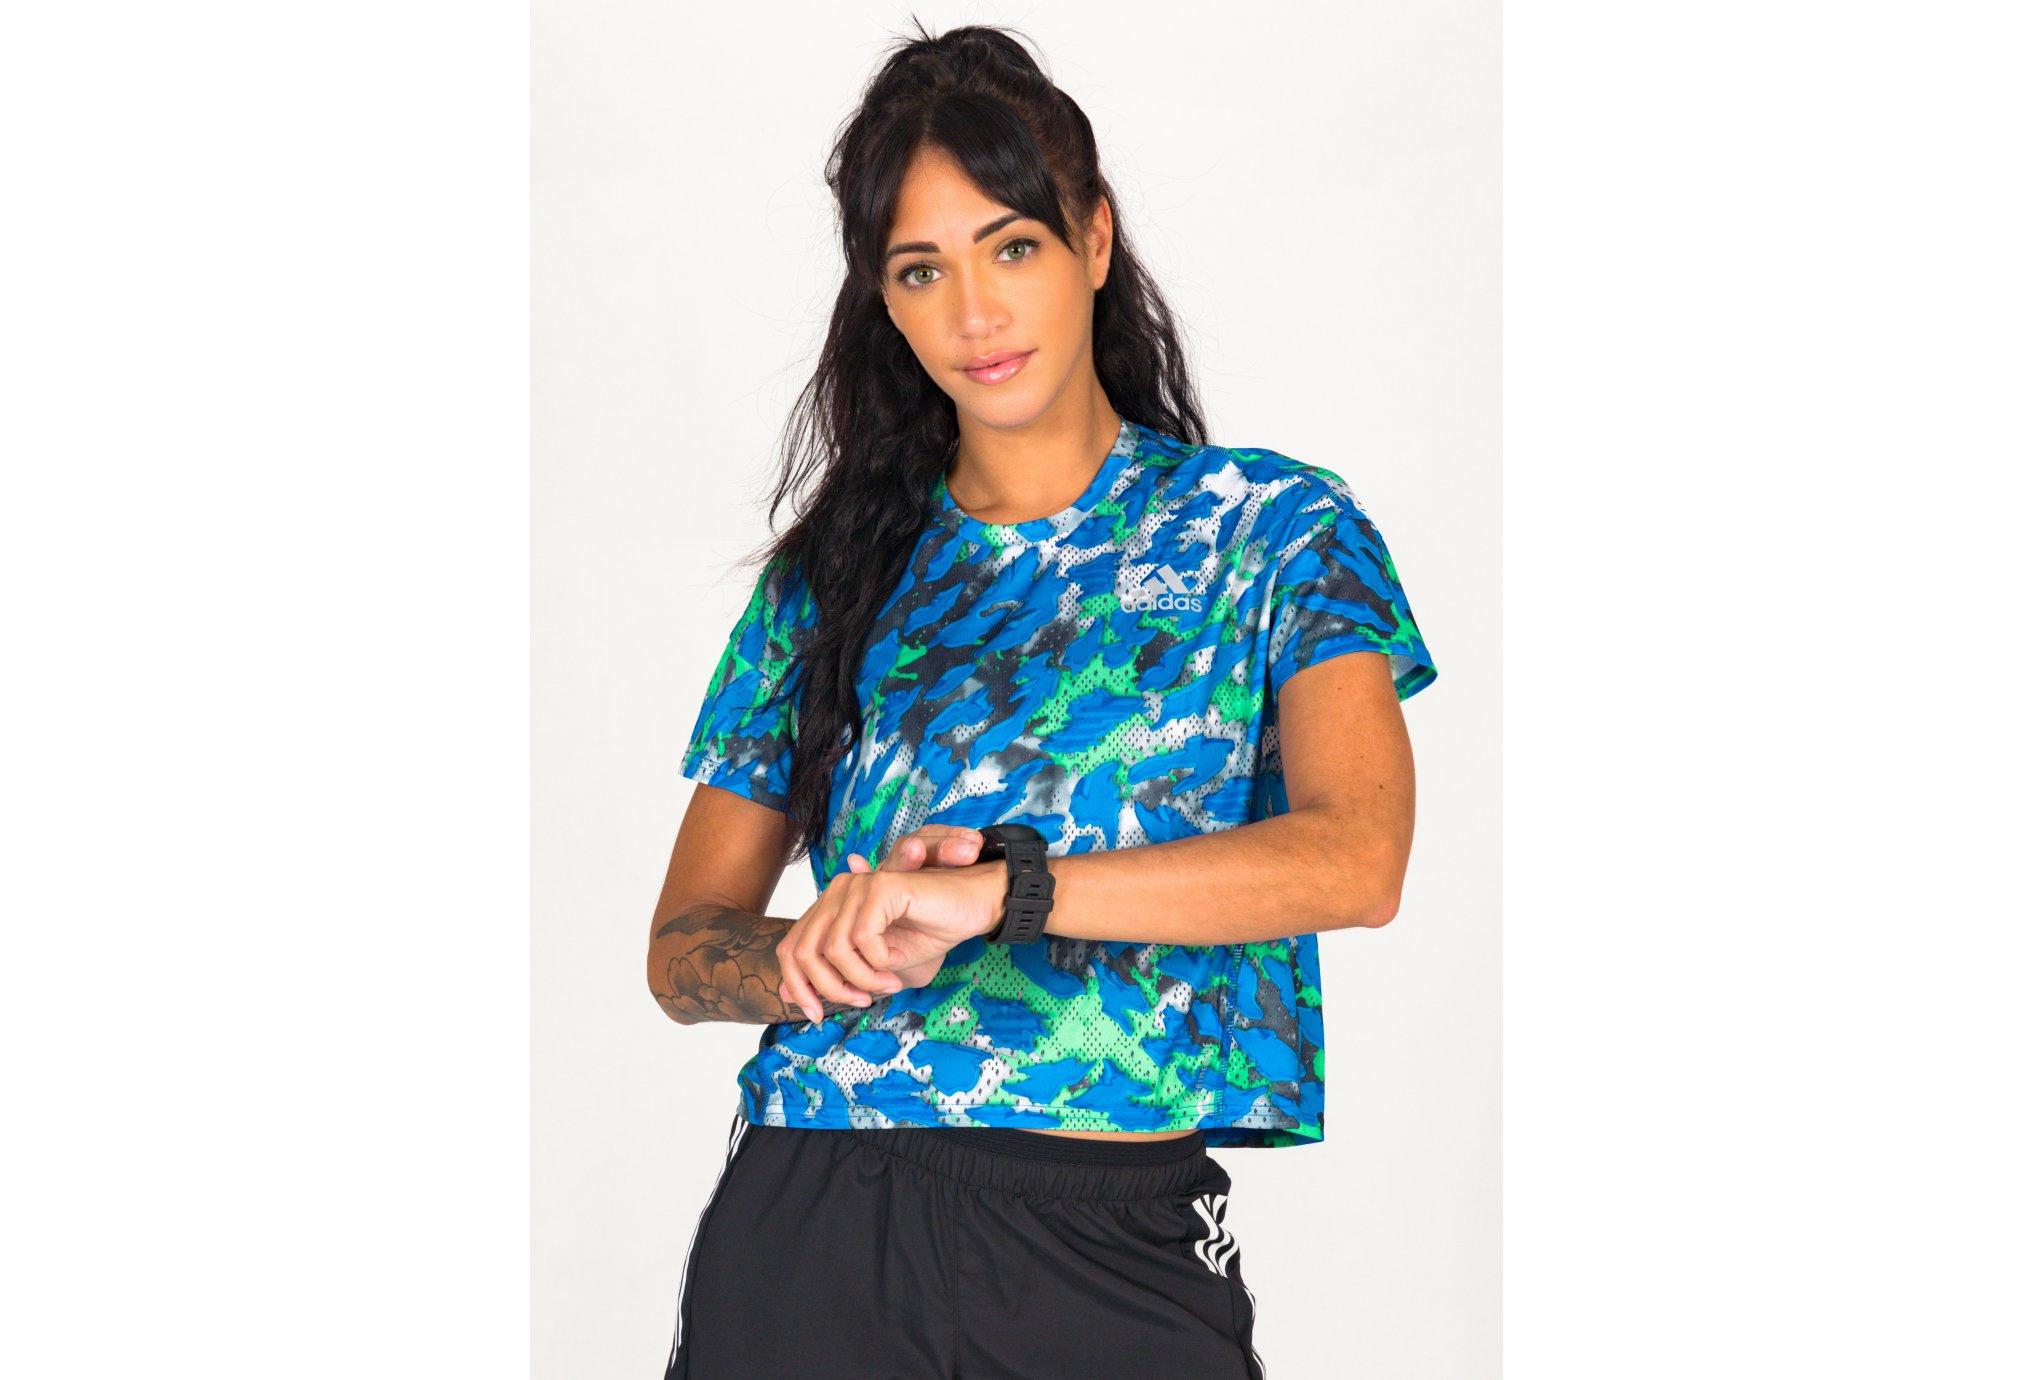 adidas FAST AOP Primeblue W vêtement running femme